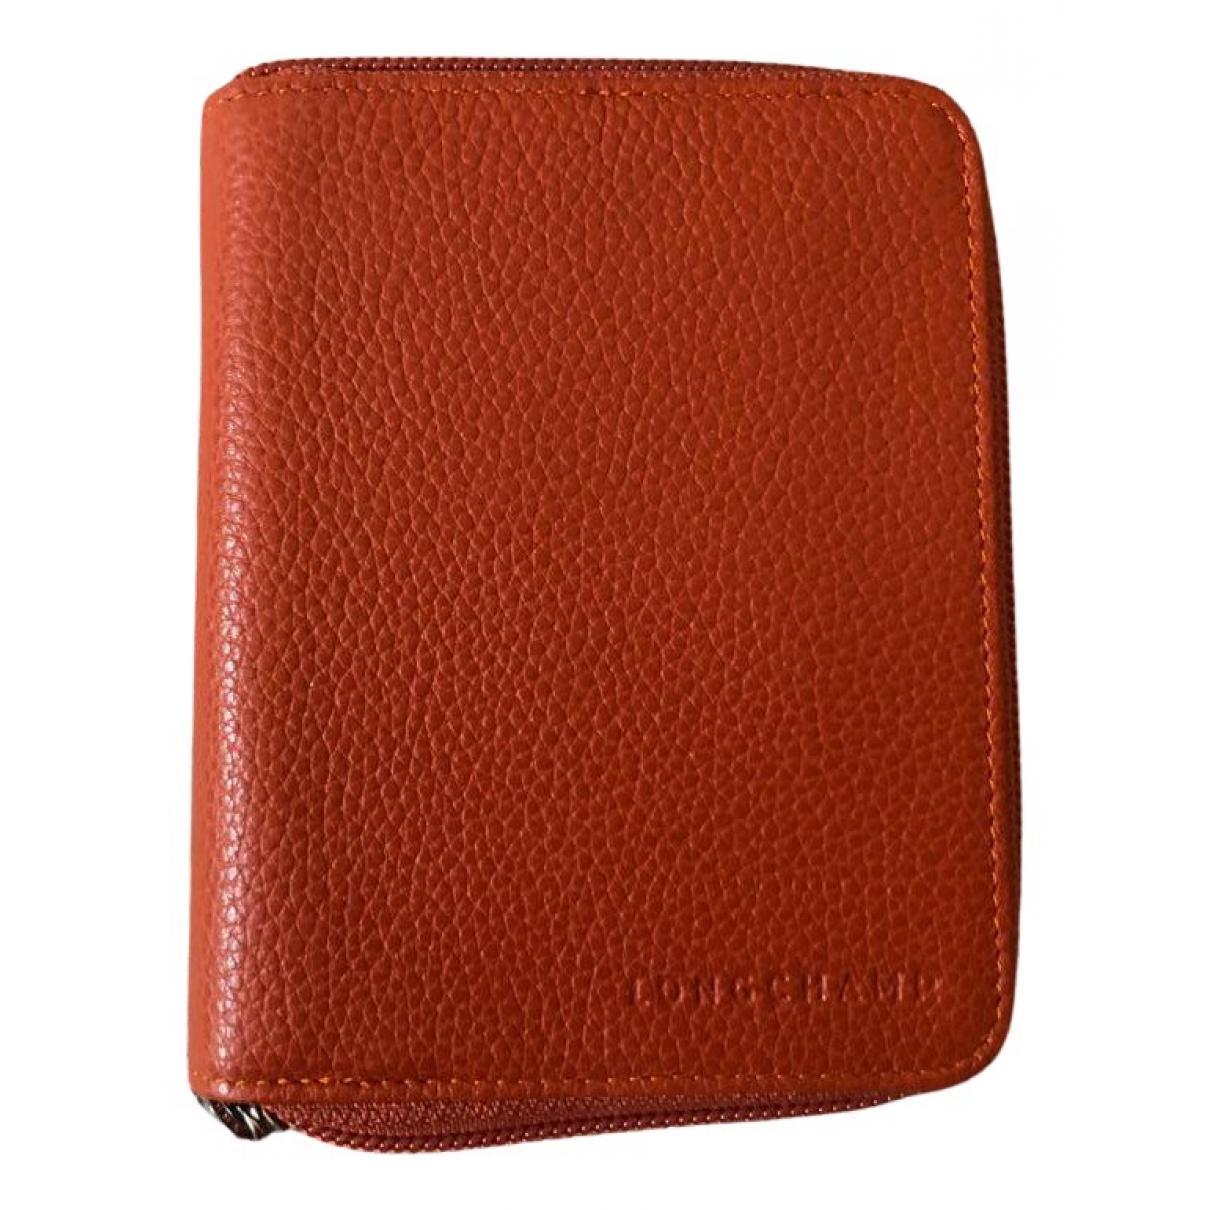 Longchamp - Portefeuille   pour femme en cuir - orange